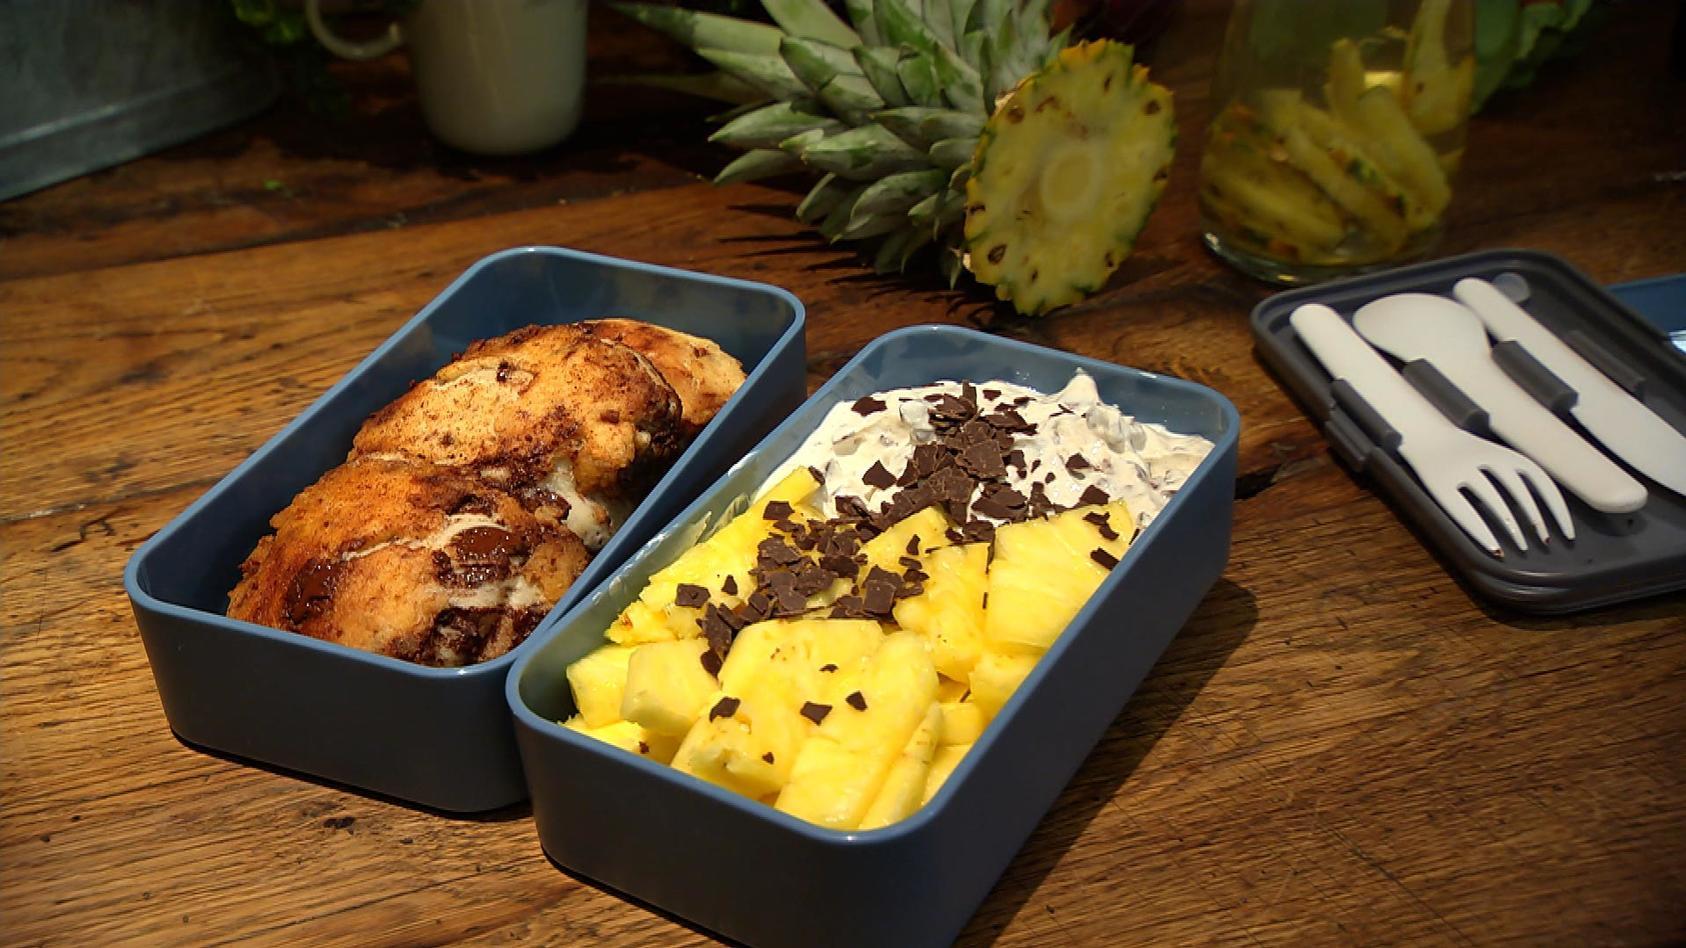 Einpacken oder hier essen – Leckeres für Zuhause oder fürs Büro: Schoko-Brötchen mit Stracciatella-Quark